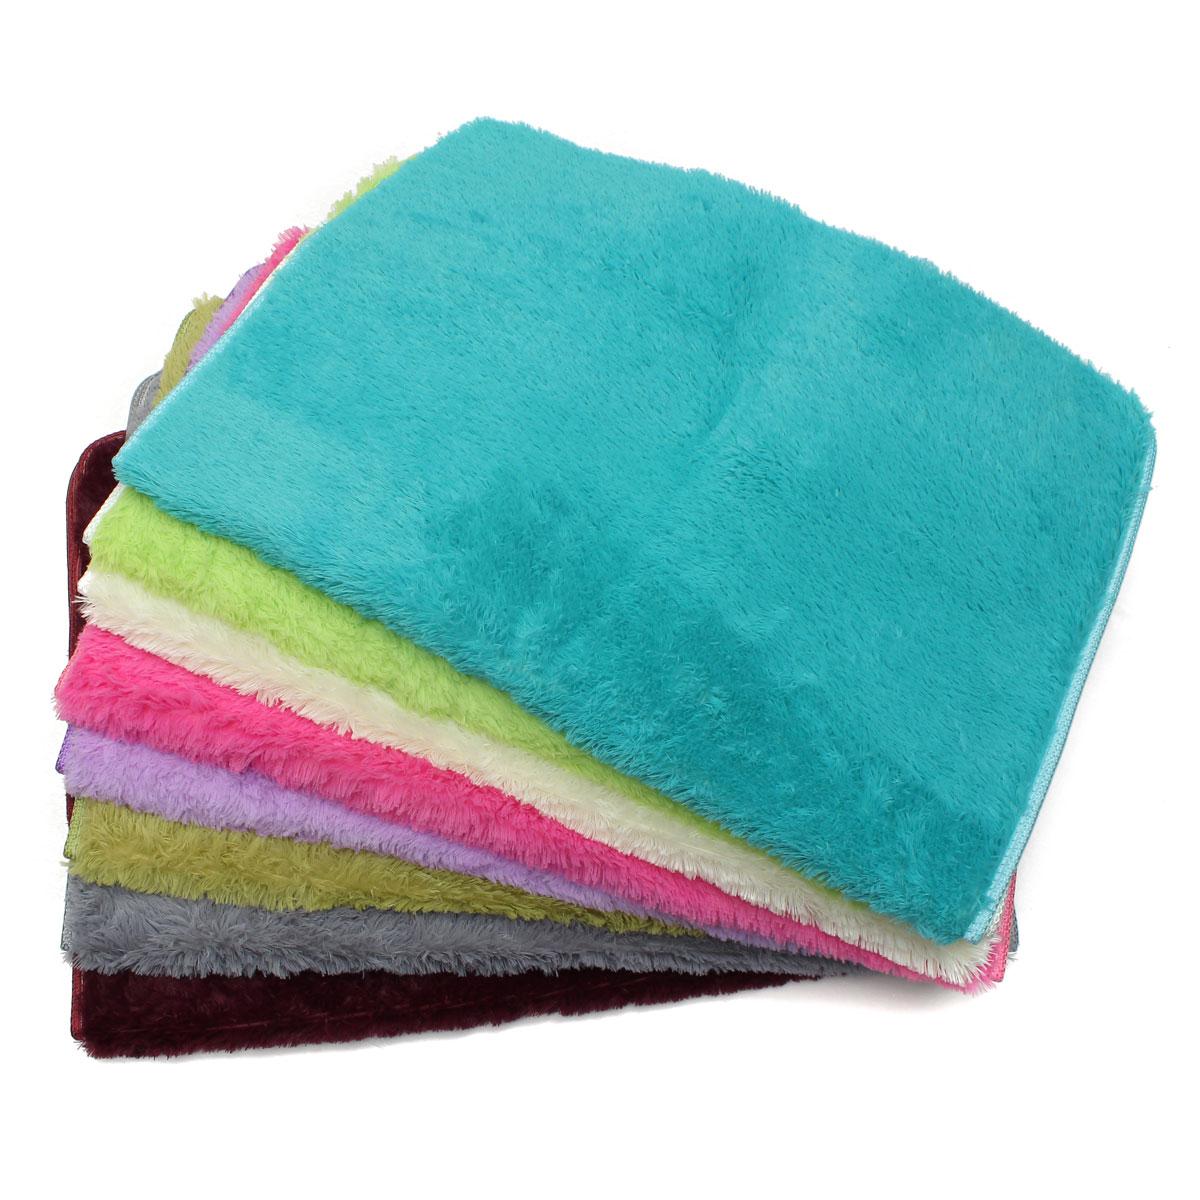 Tempsa 80x120cm tapis antid rapant microfibre pour salon for Produit pour nettoyer les tapis